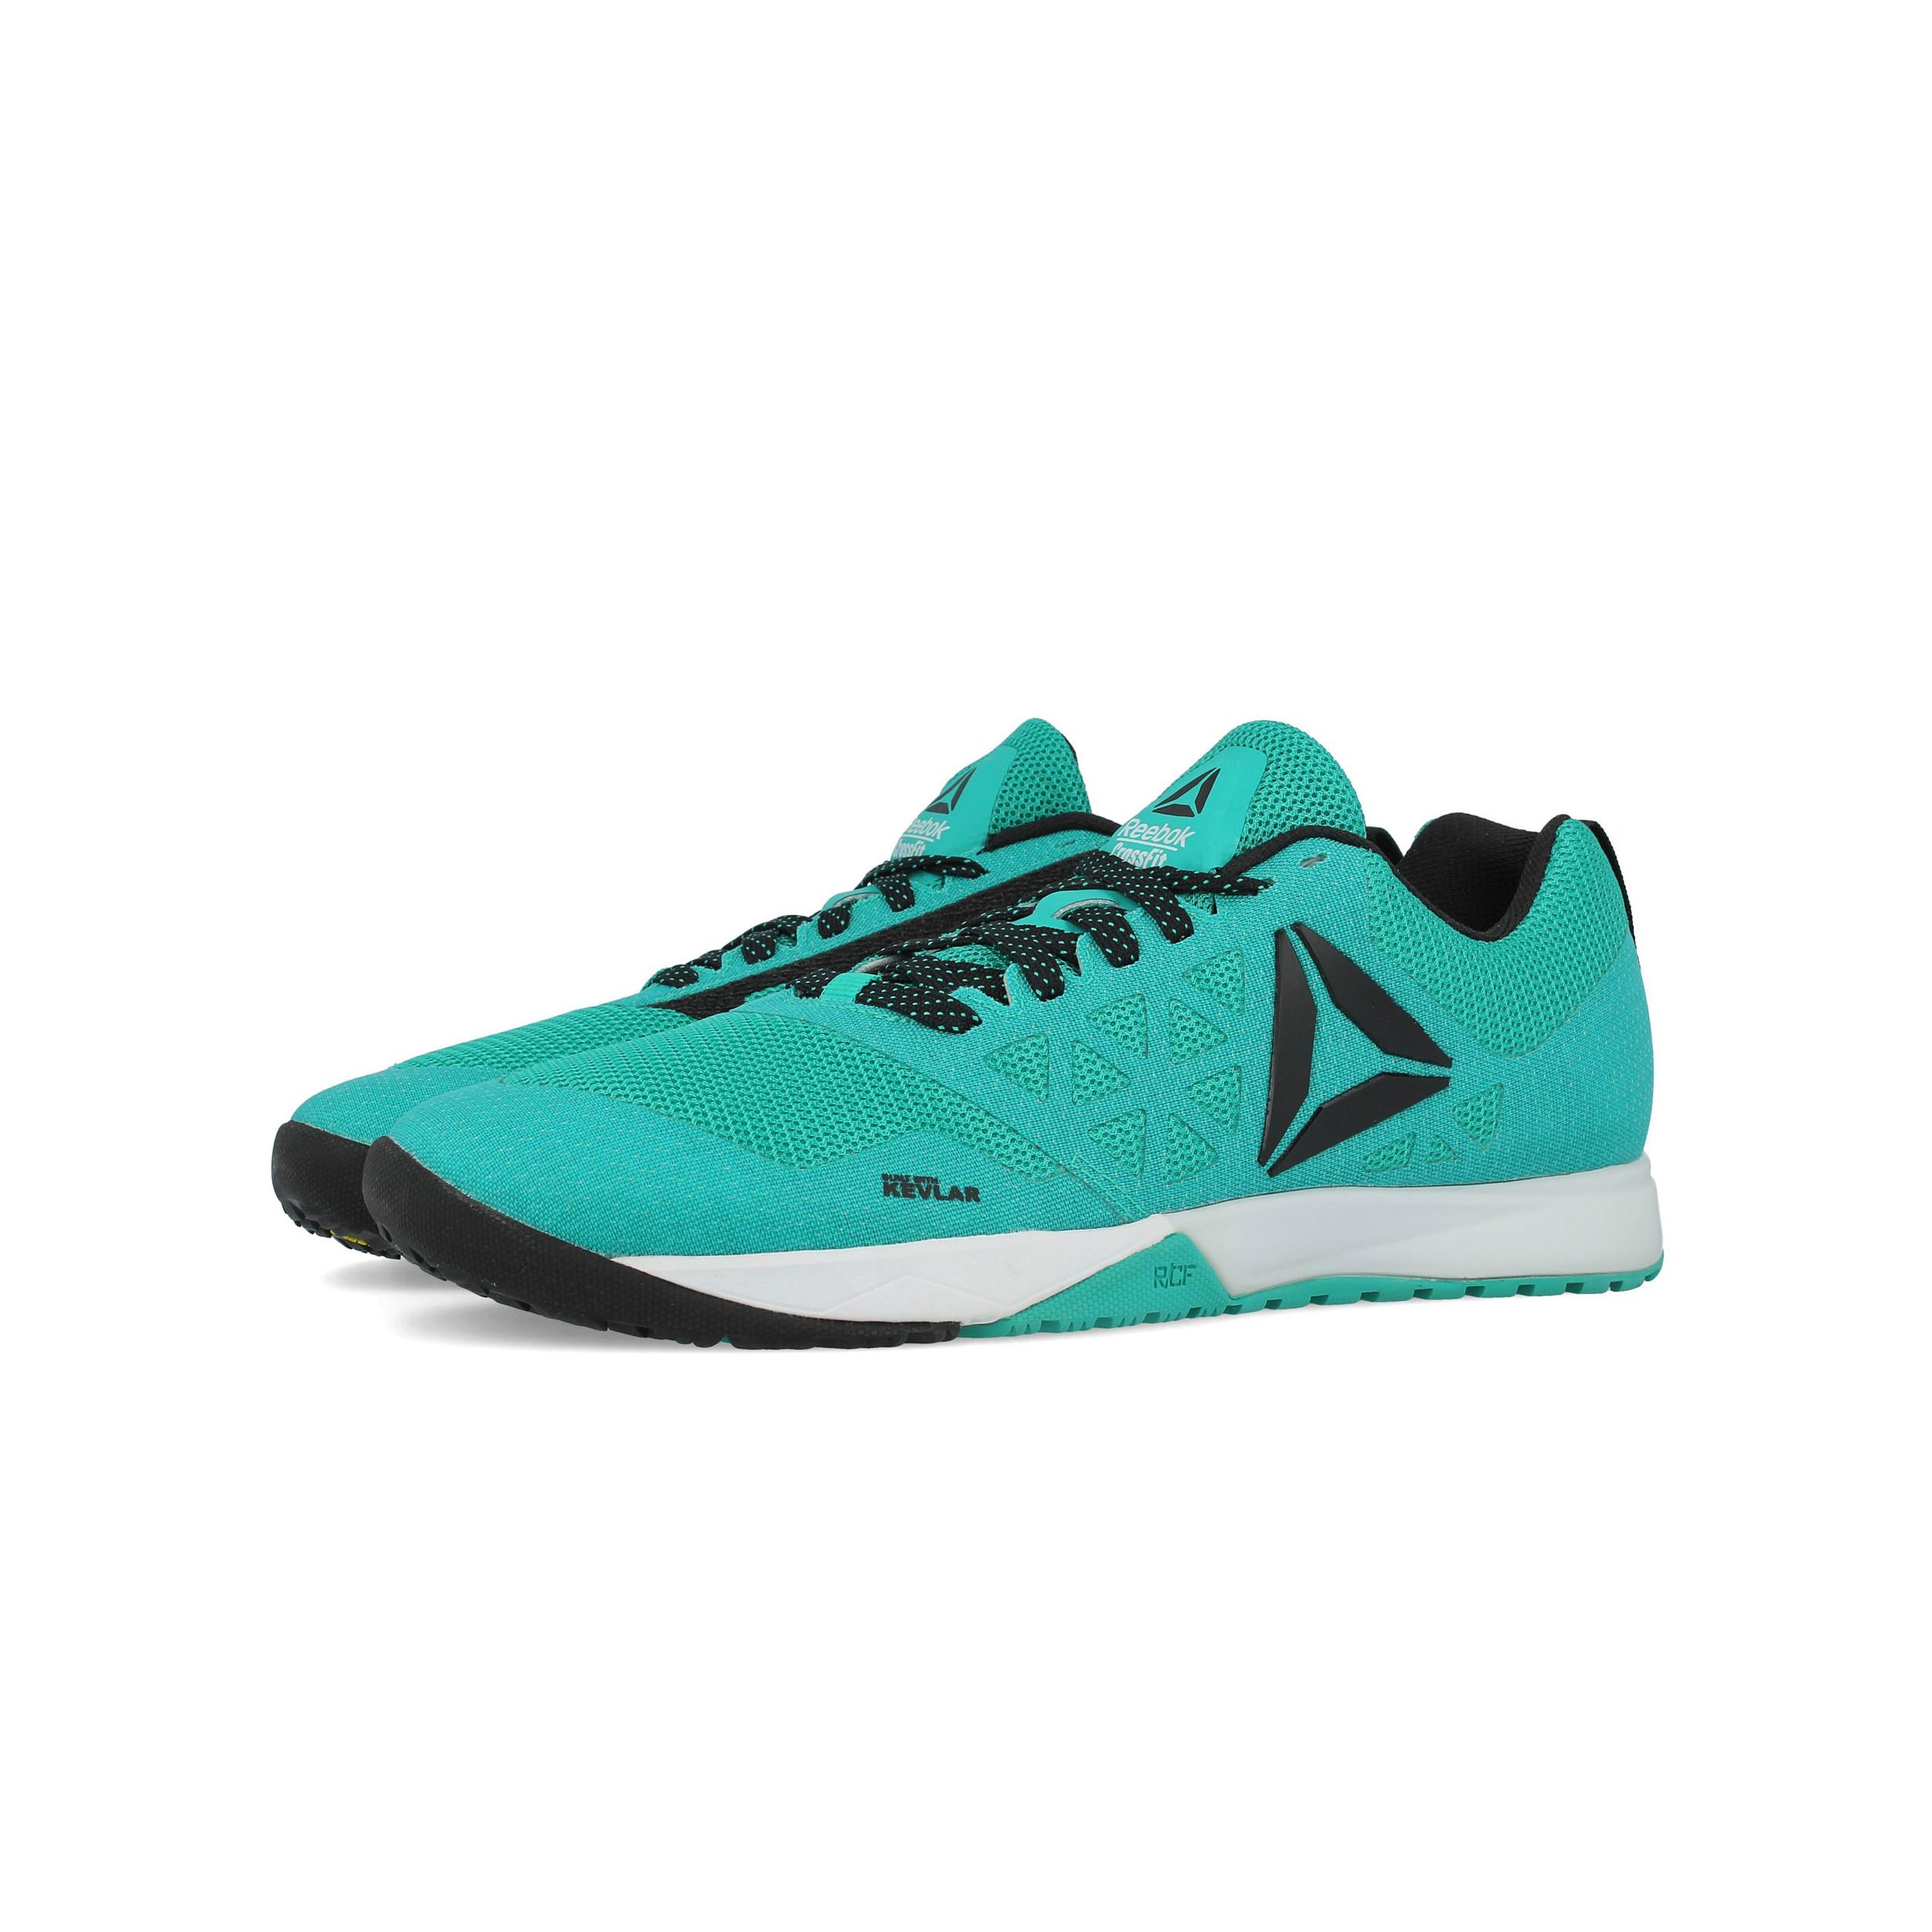 a825fd28a69 Reebok Hommes R Crossfit Nano 6.0 Entraînement Gym Baskets De Sport  Chaussures